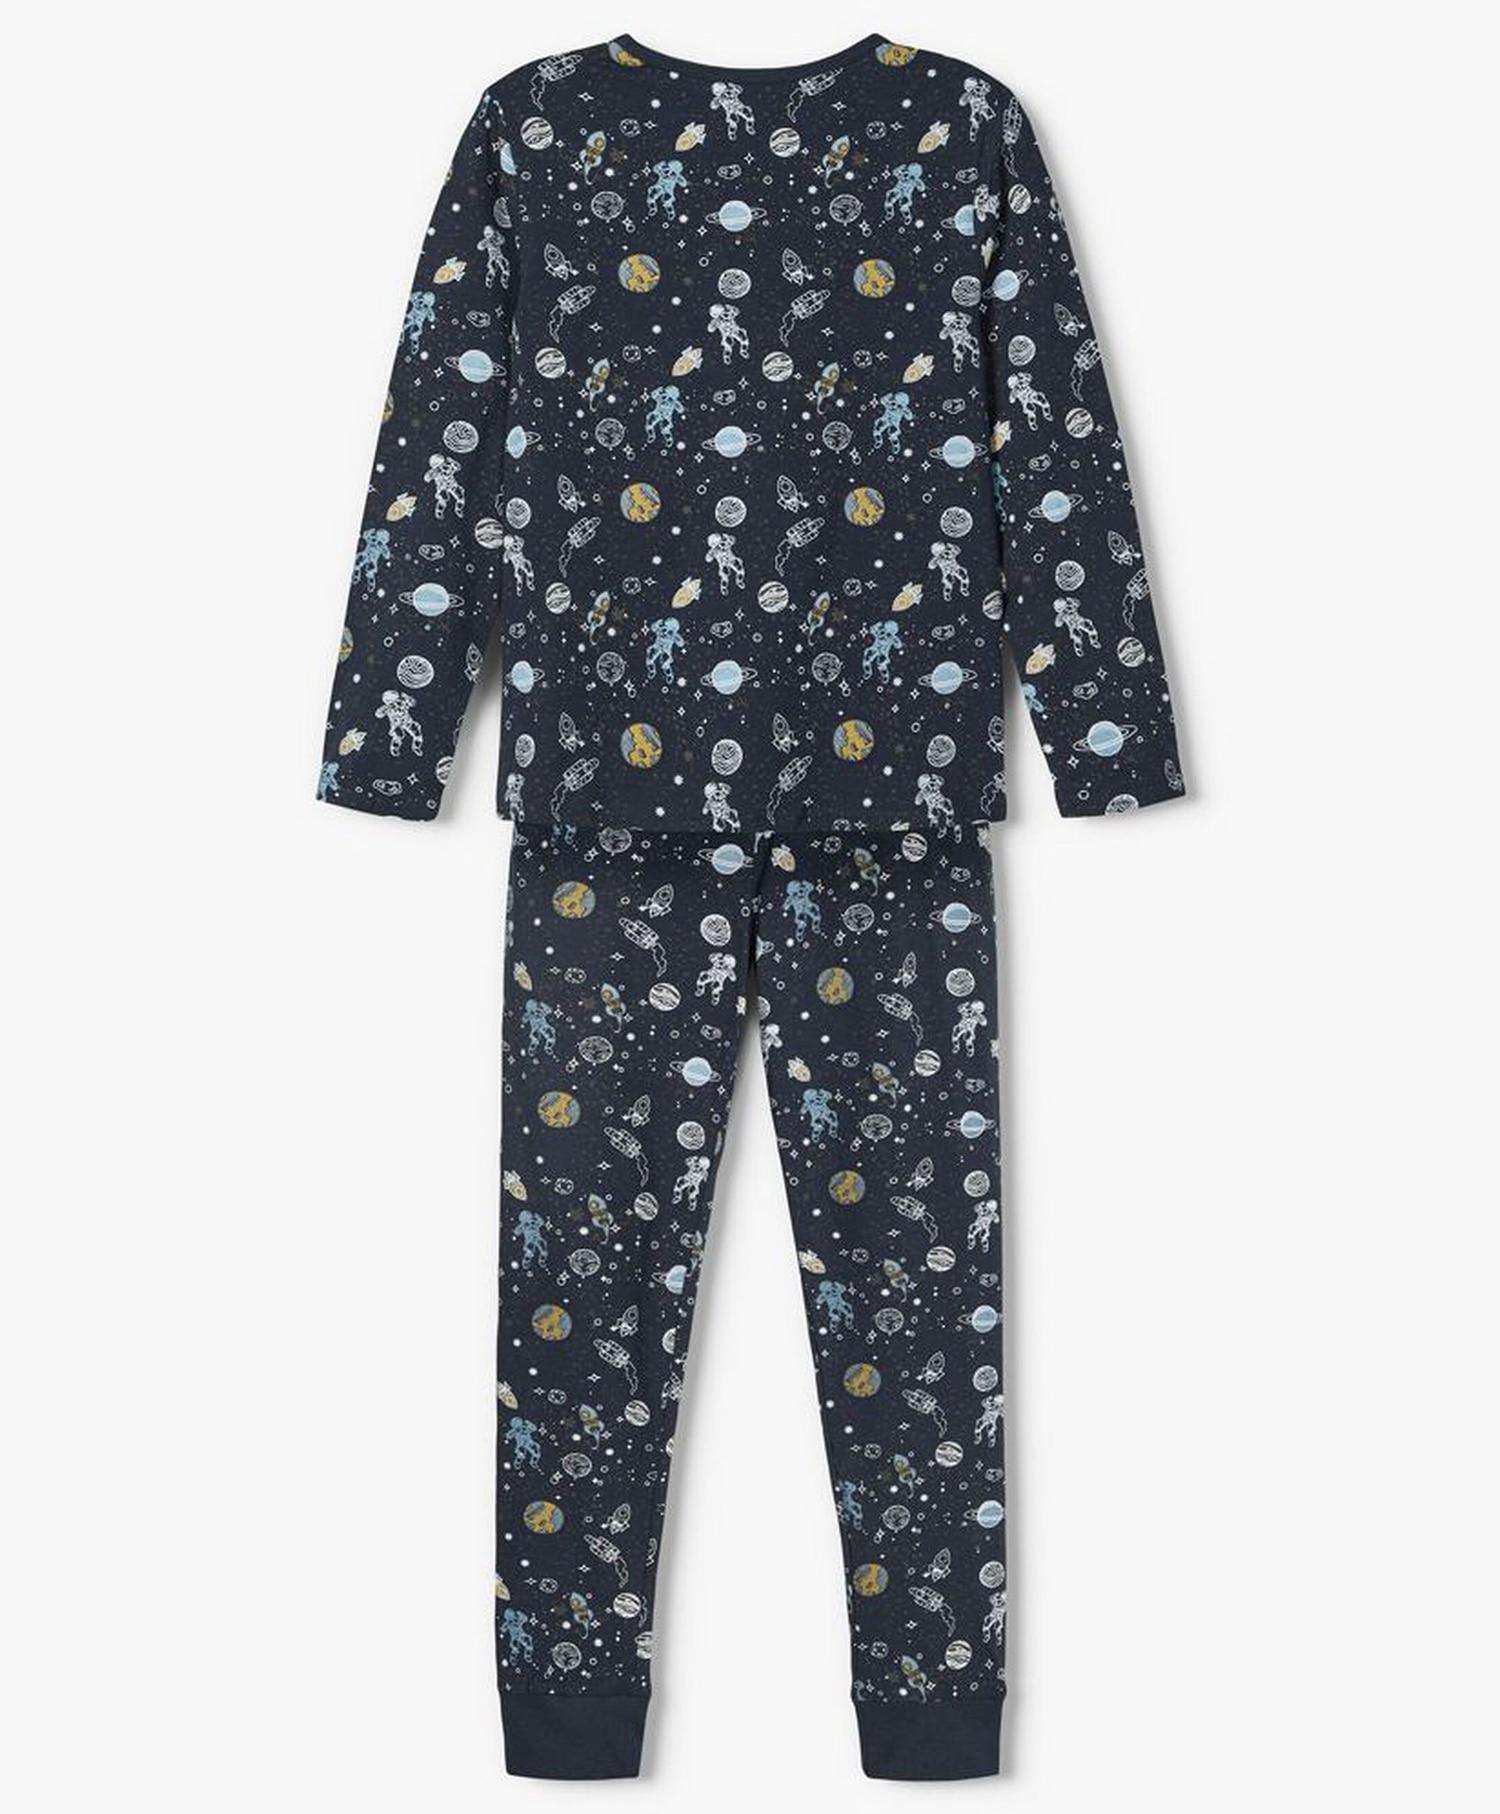 Name it  Space pyjamas sett